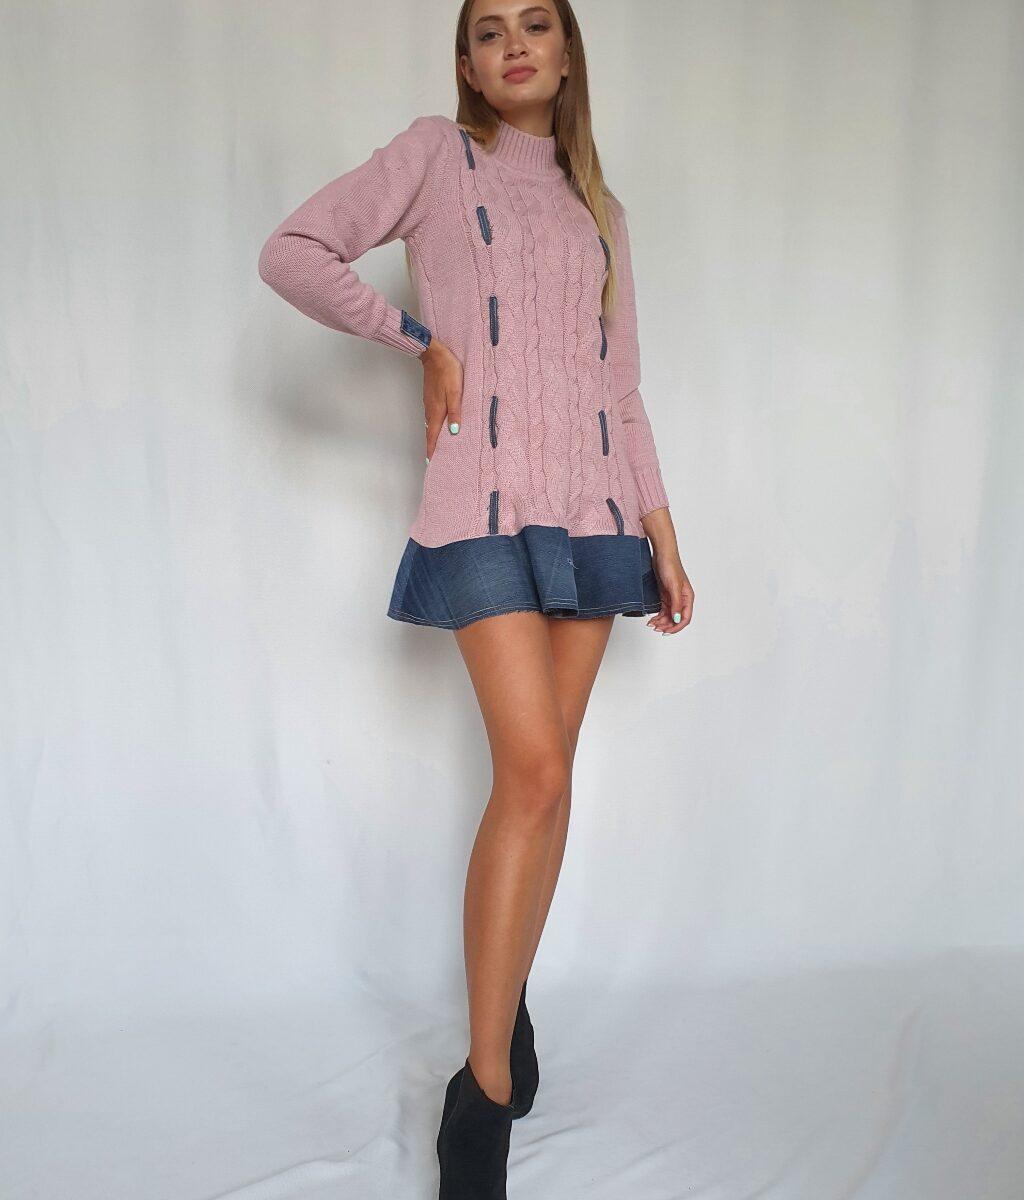 ❤ Вязаное платье c отделкой из винтажного денима. Цвет - розовый